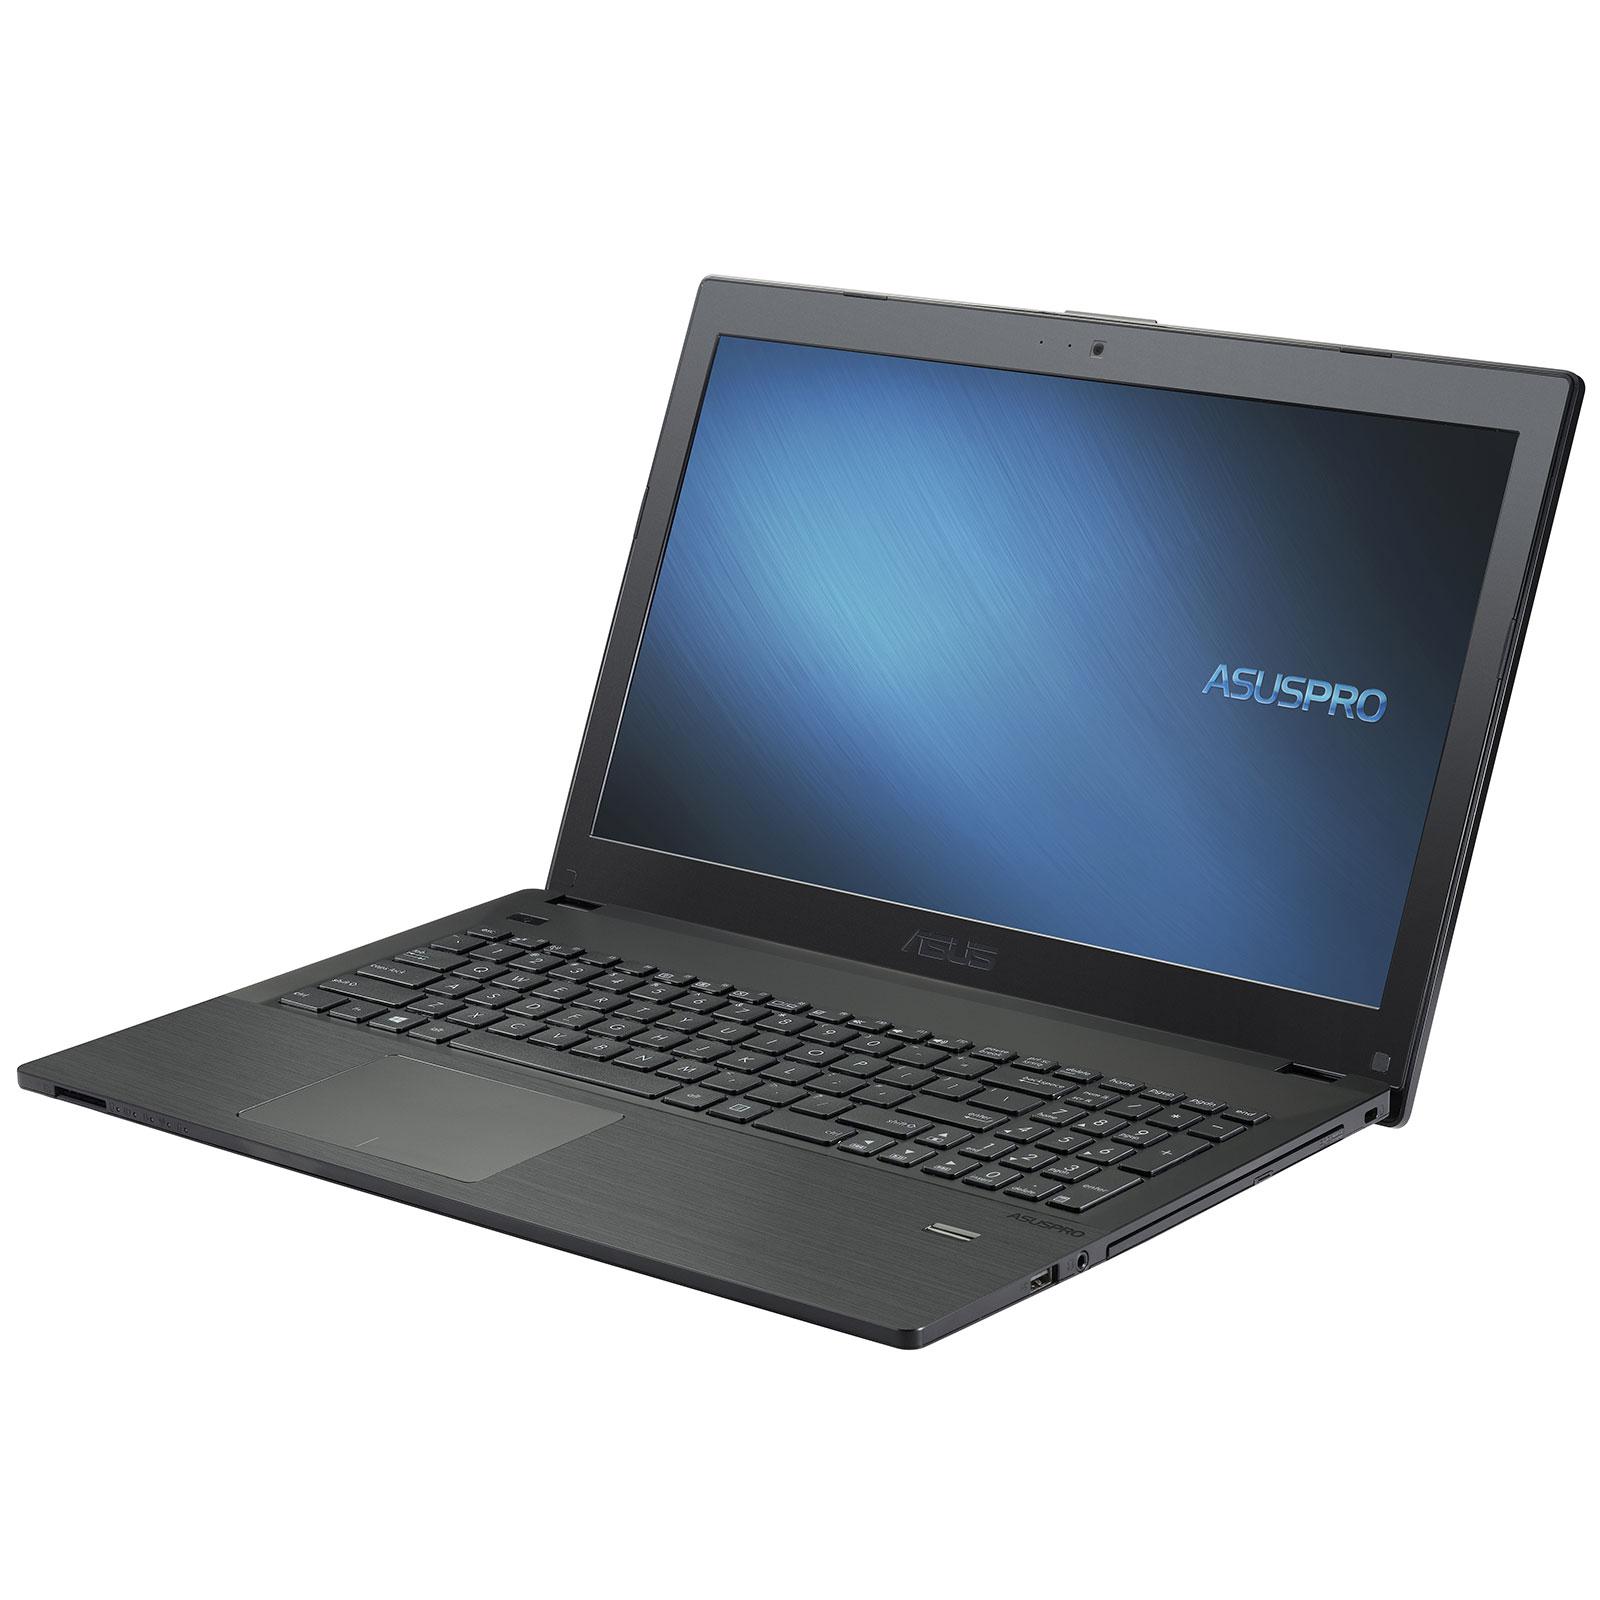 Asus P2520LA-XO0505EB (90NX0051-M13020) - Achat / Vente PC Portable sur Cybertek.fr - 2